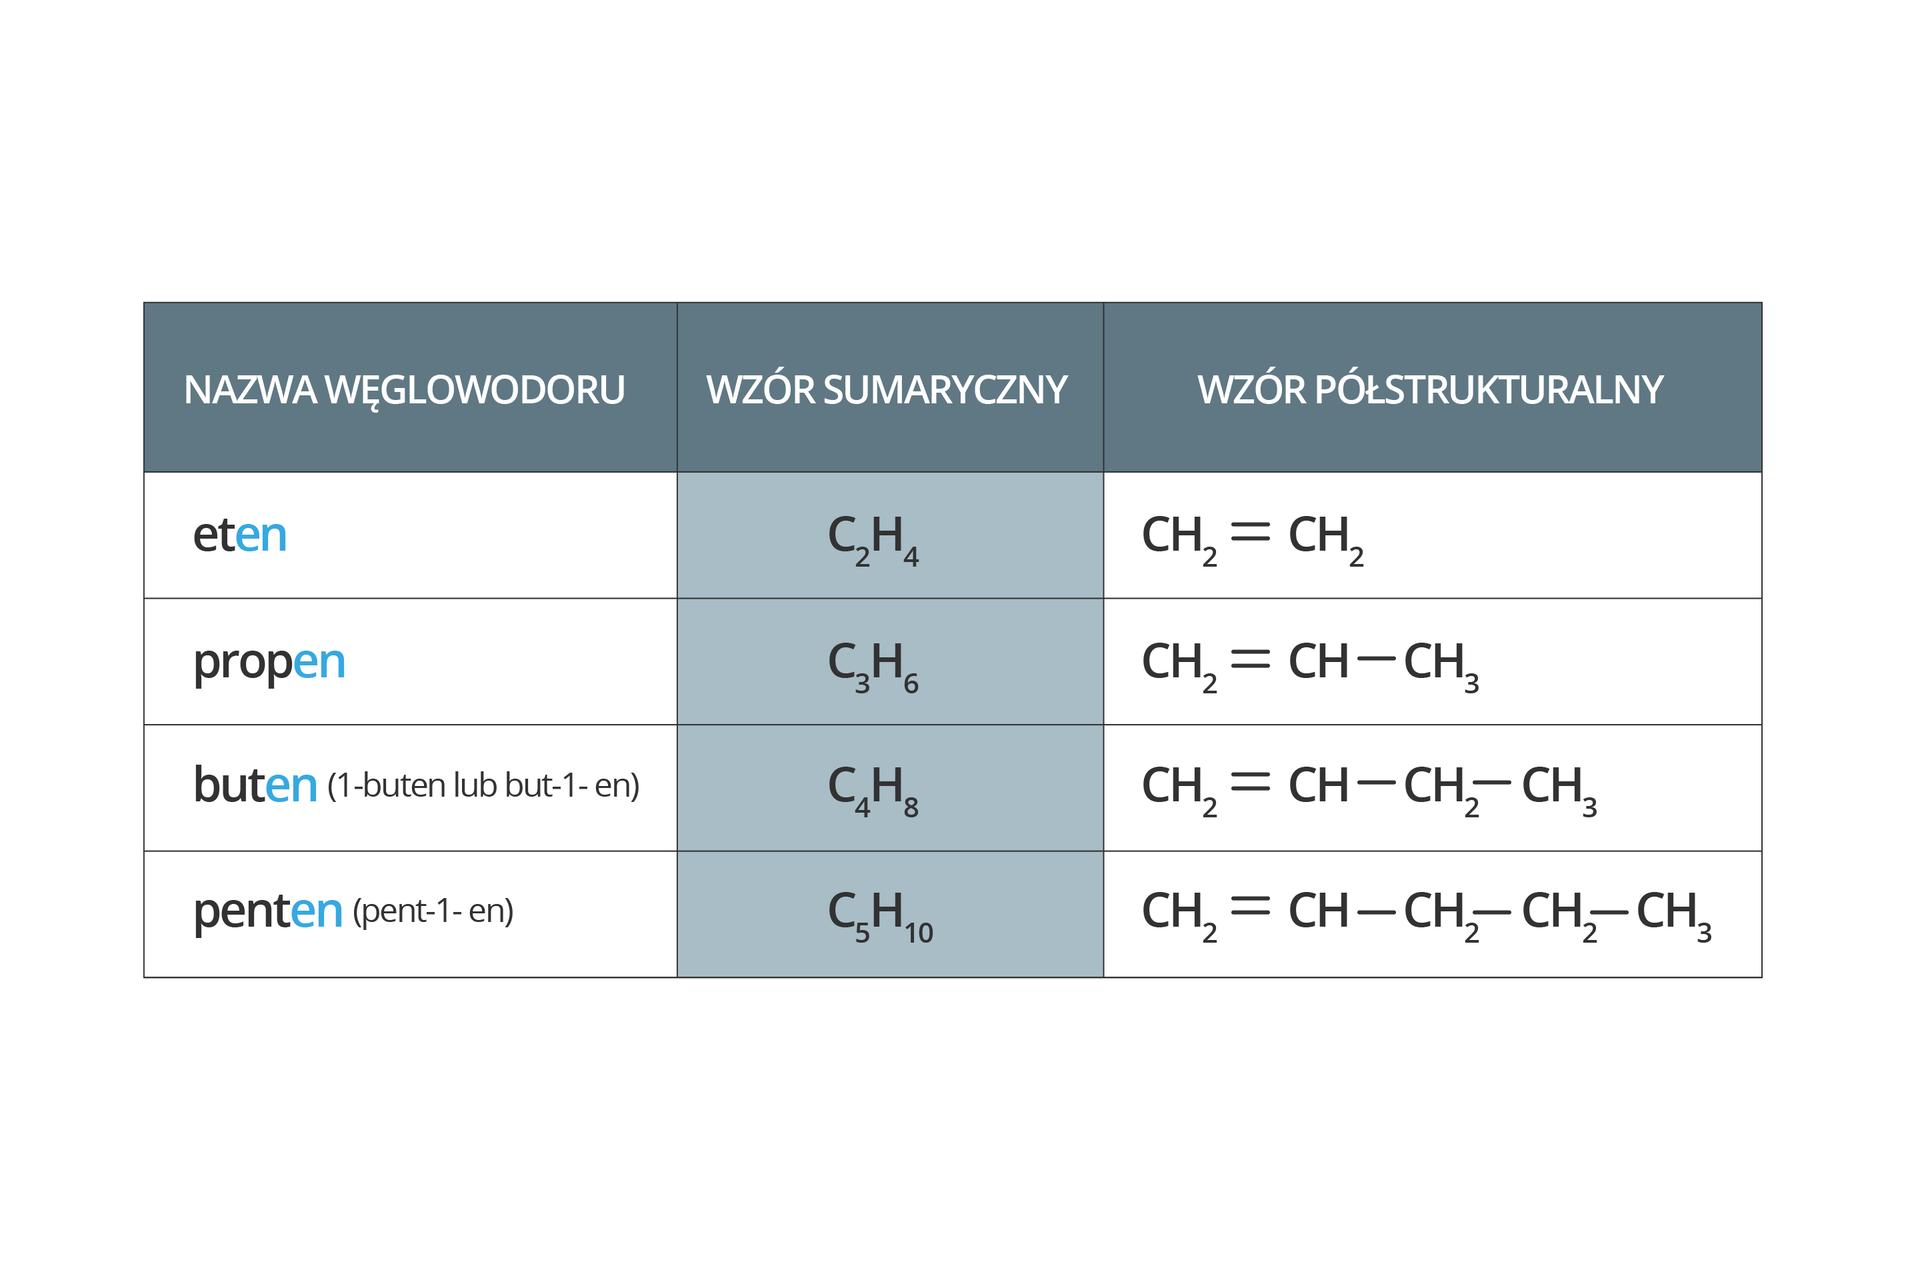 Na rysunku przedstawiono wzory sumaryczne ipółstrukturalne alkenów.